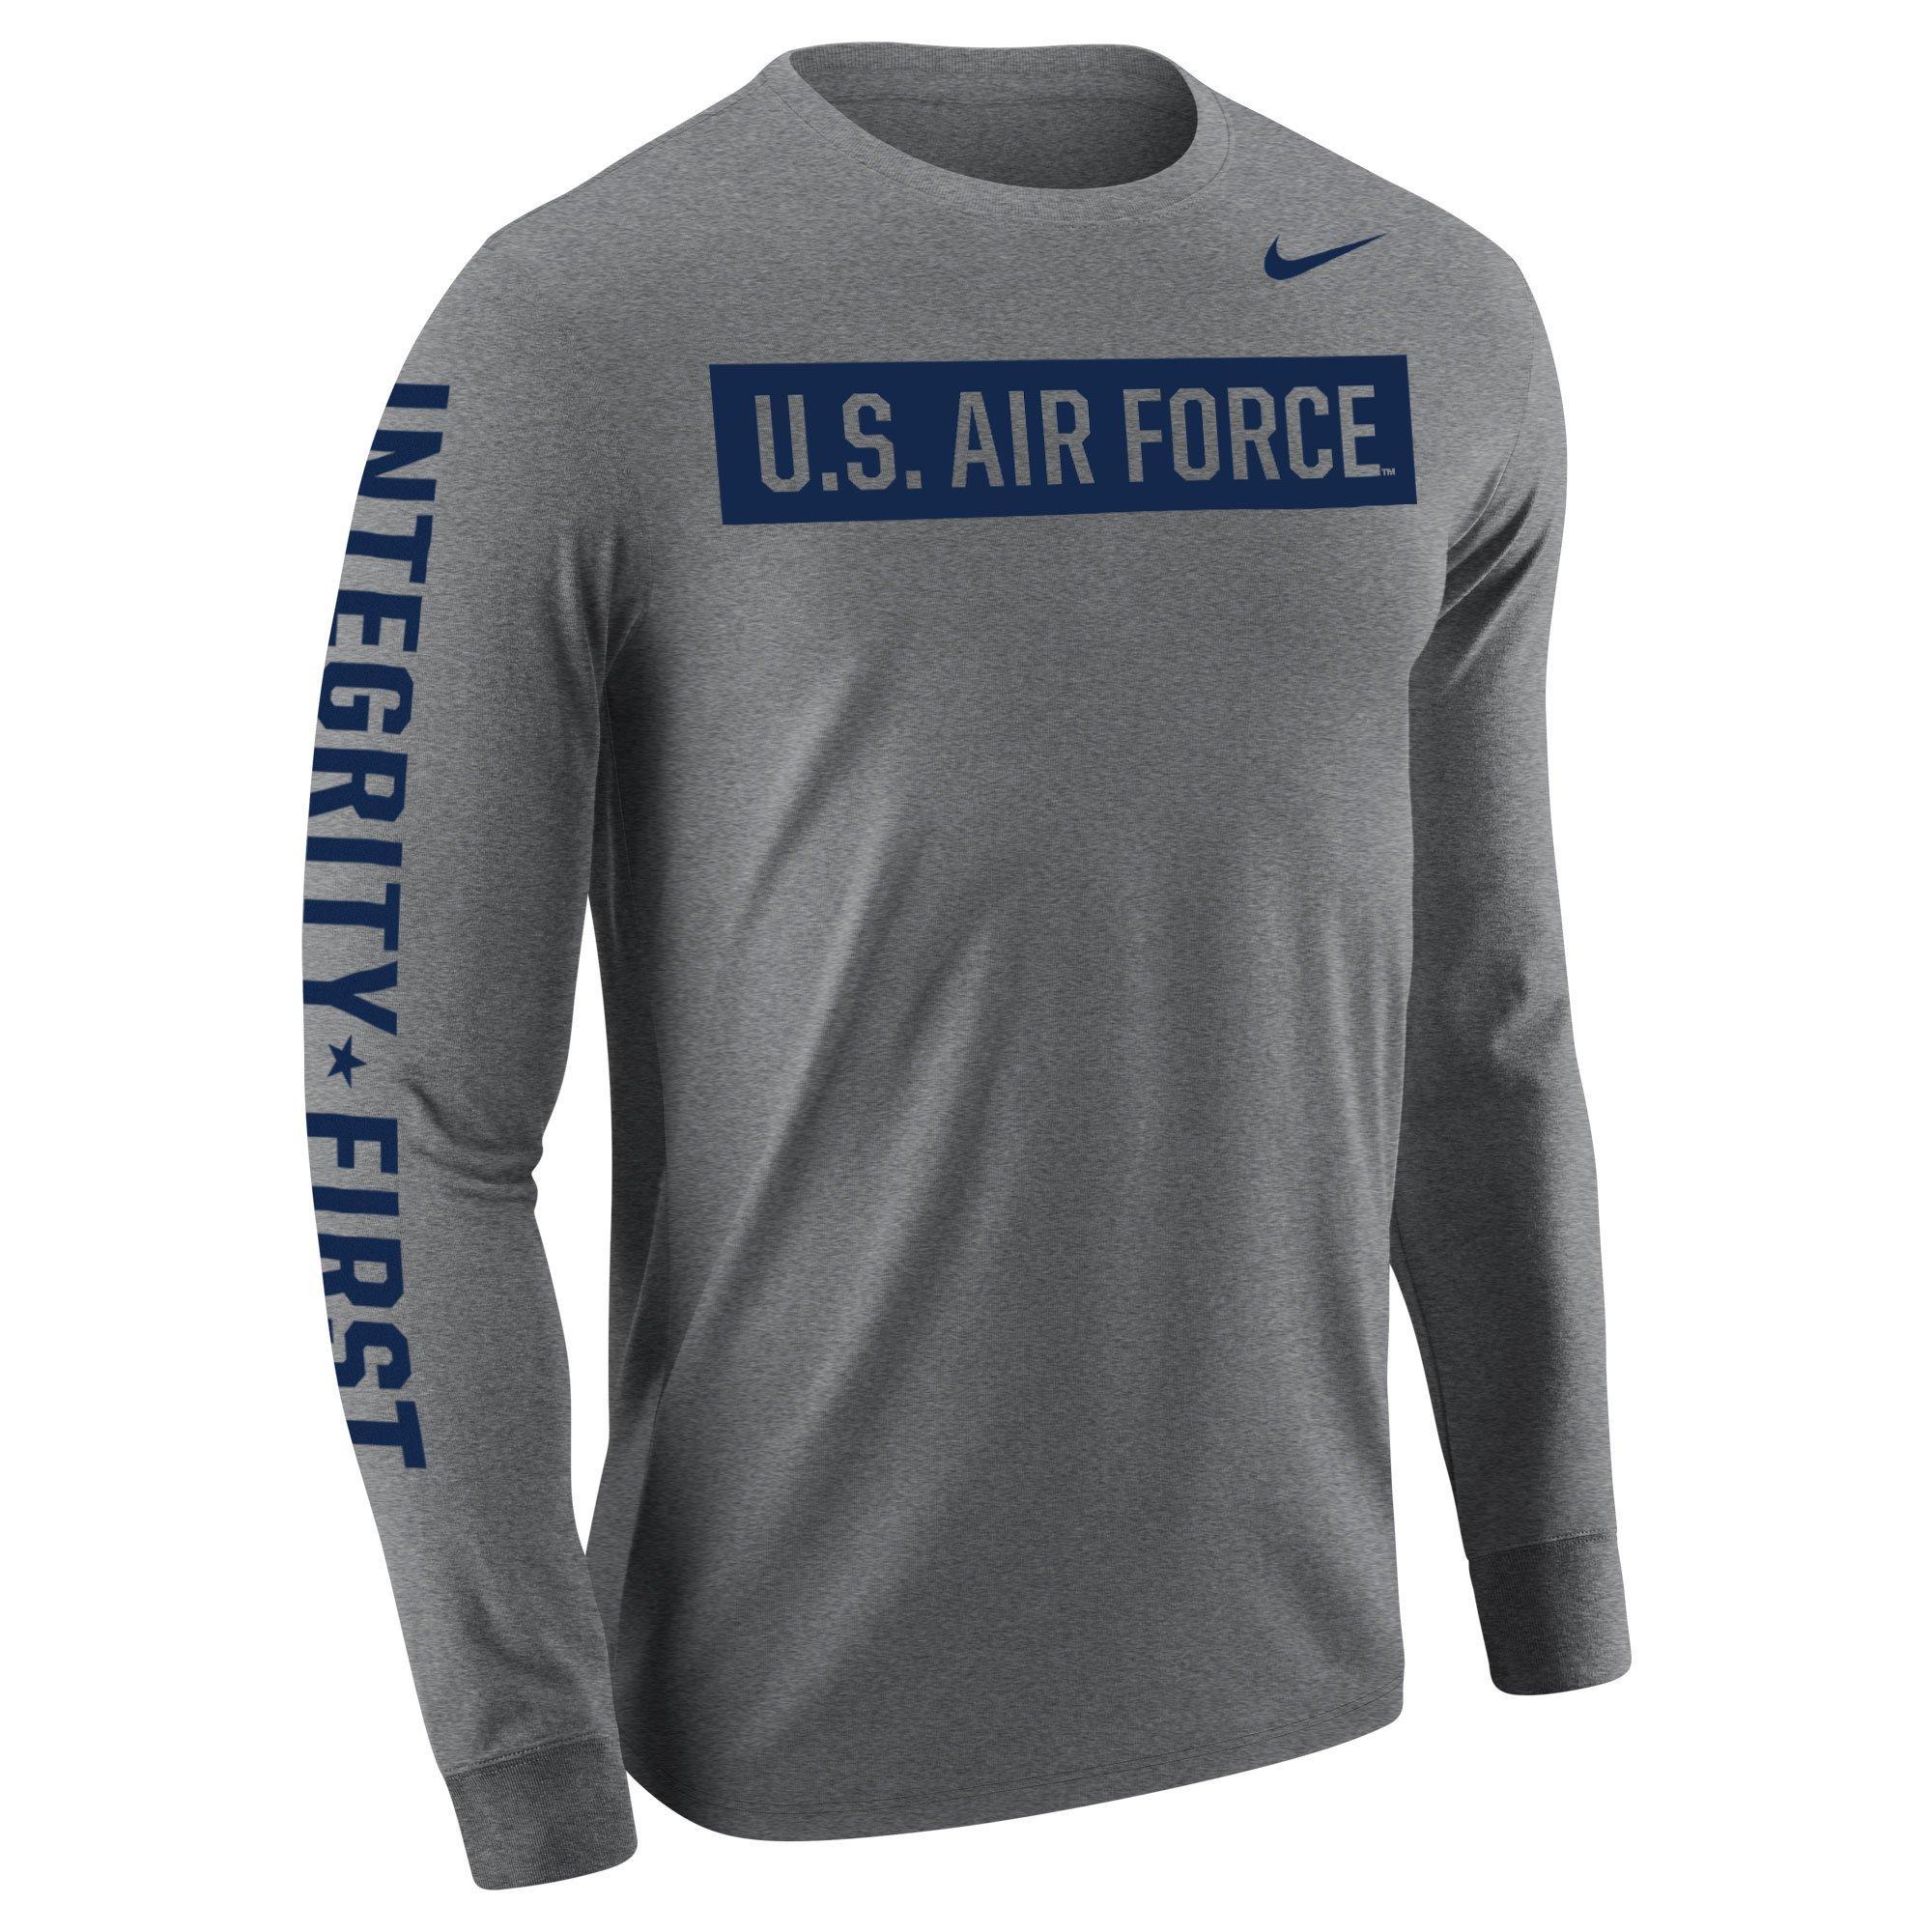 Nike Nous Vêtements De La Force Aérienne